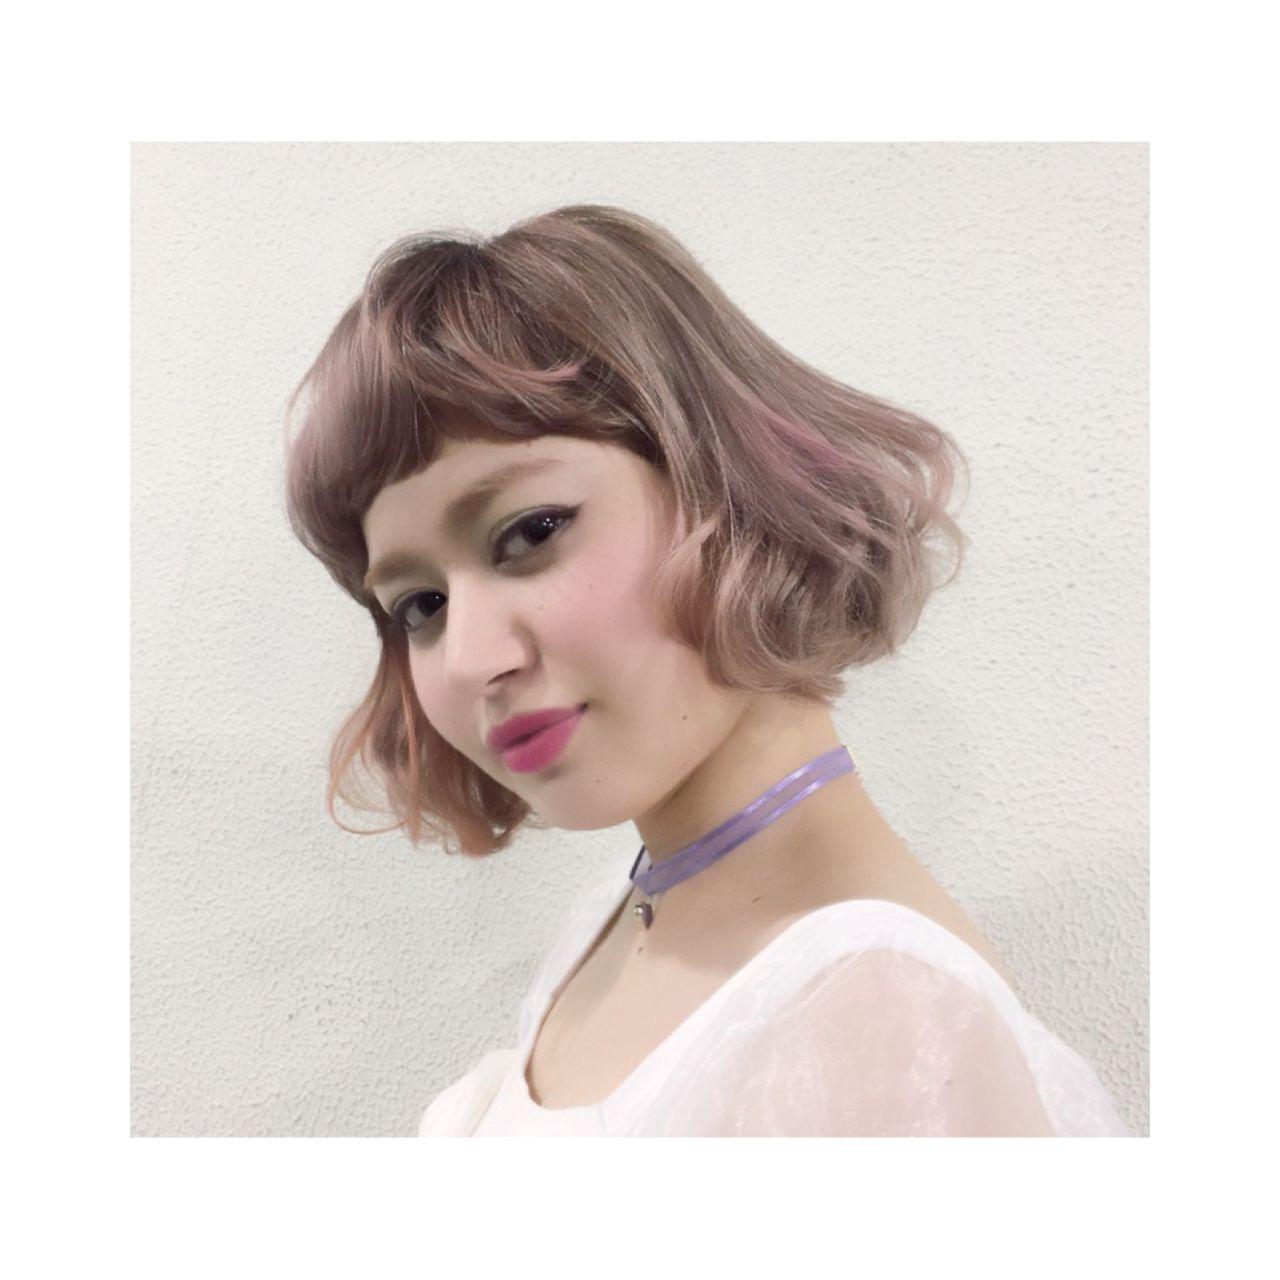 夏の髪色、もう決まった?可愛すぎて気分底上げのヘアカラーをご紹介♪ Eri Yoshikawa / BLANCO